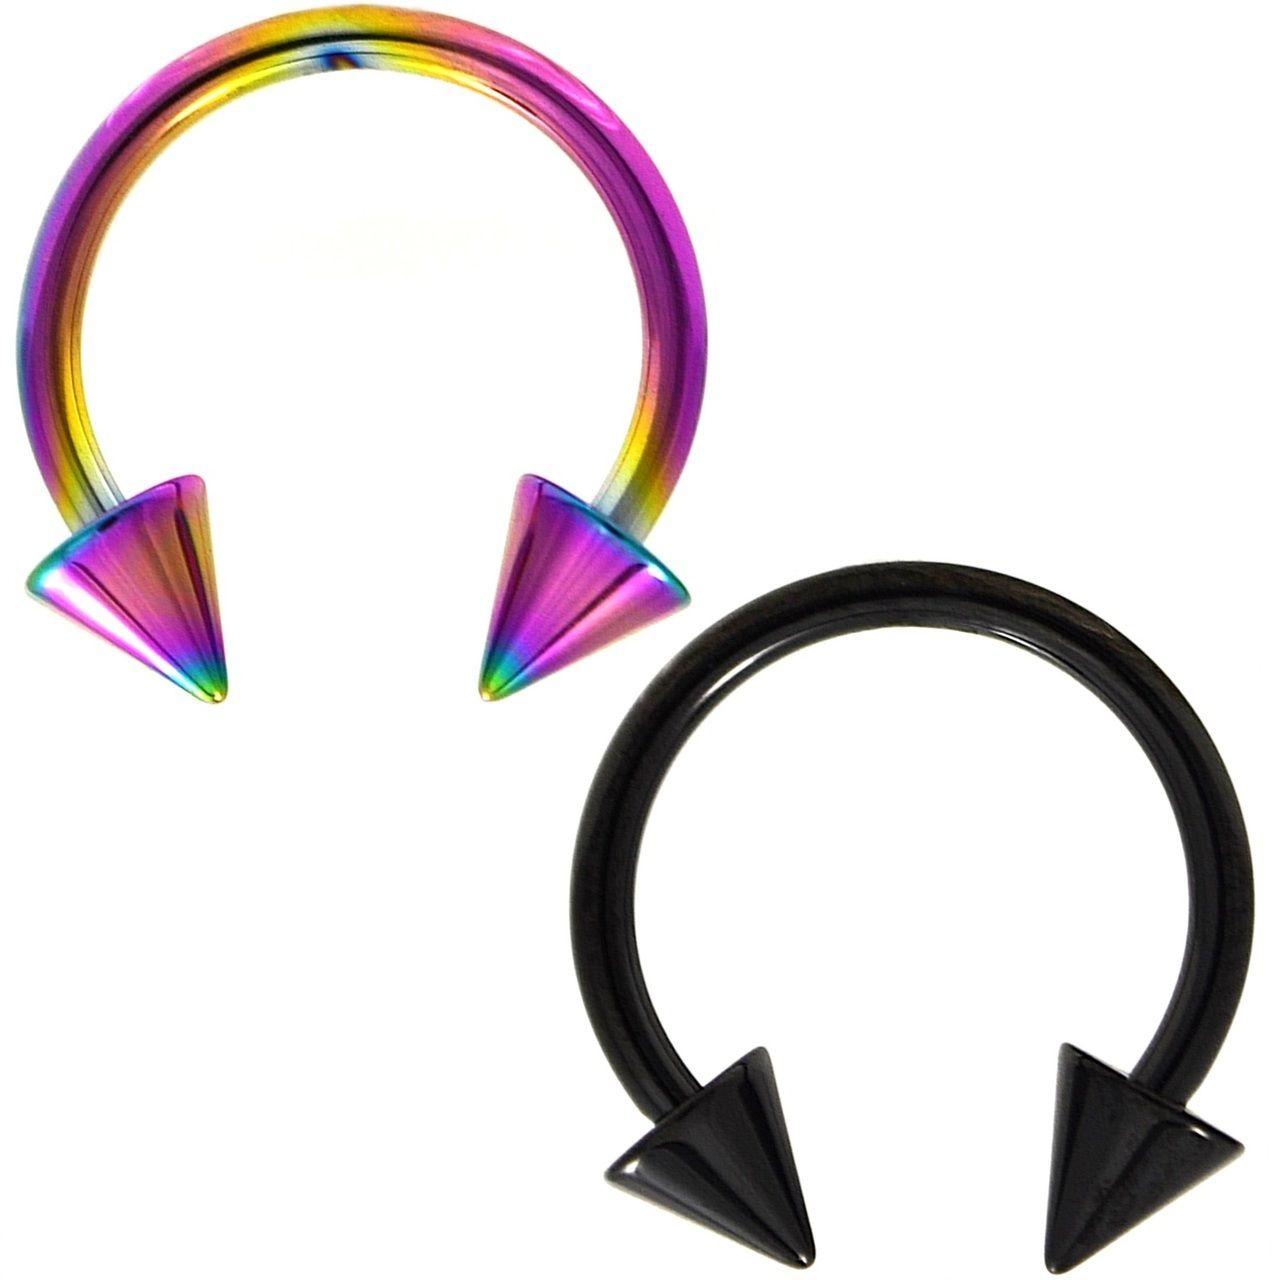 Pair Black Rainbow Spike End Horseshoe Rings Septum Piercing